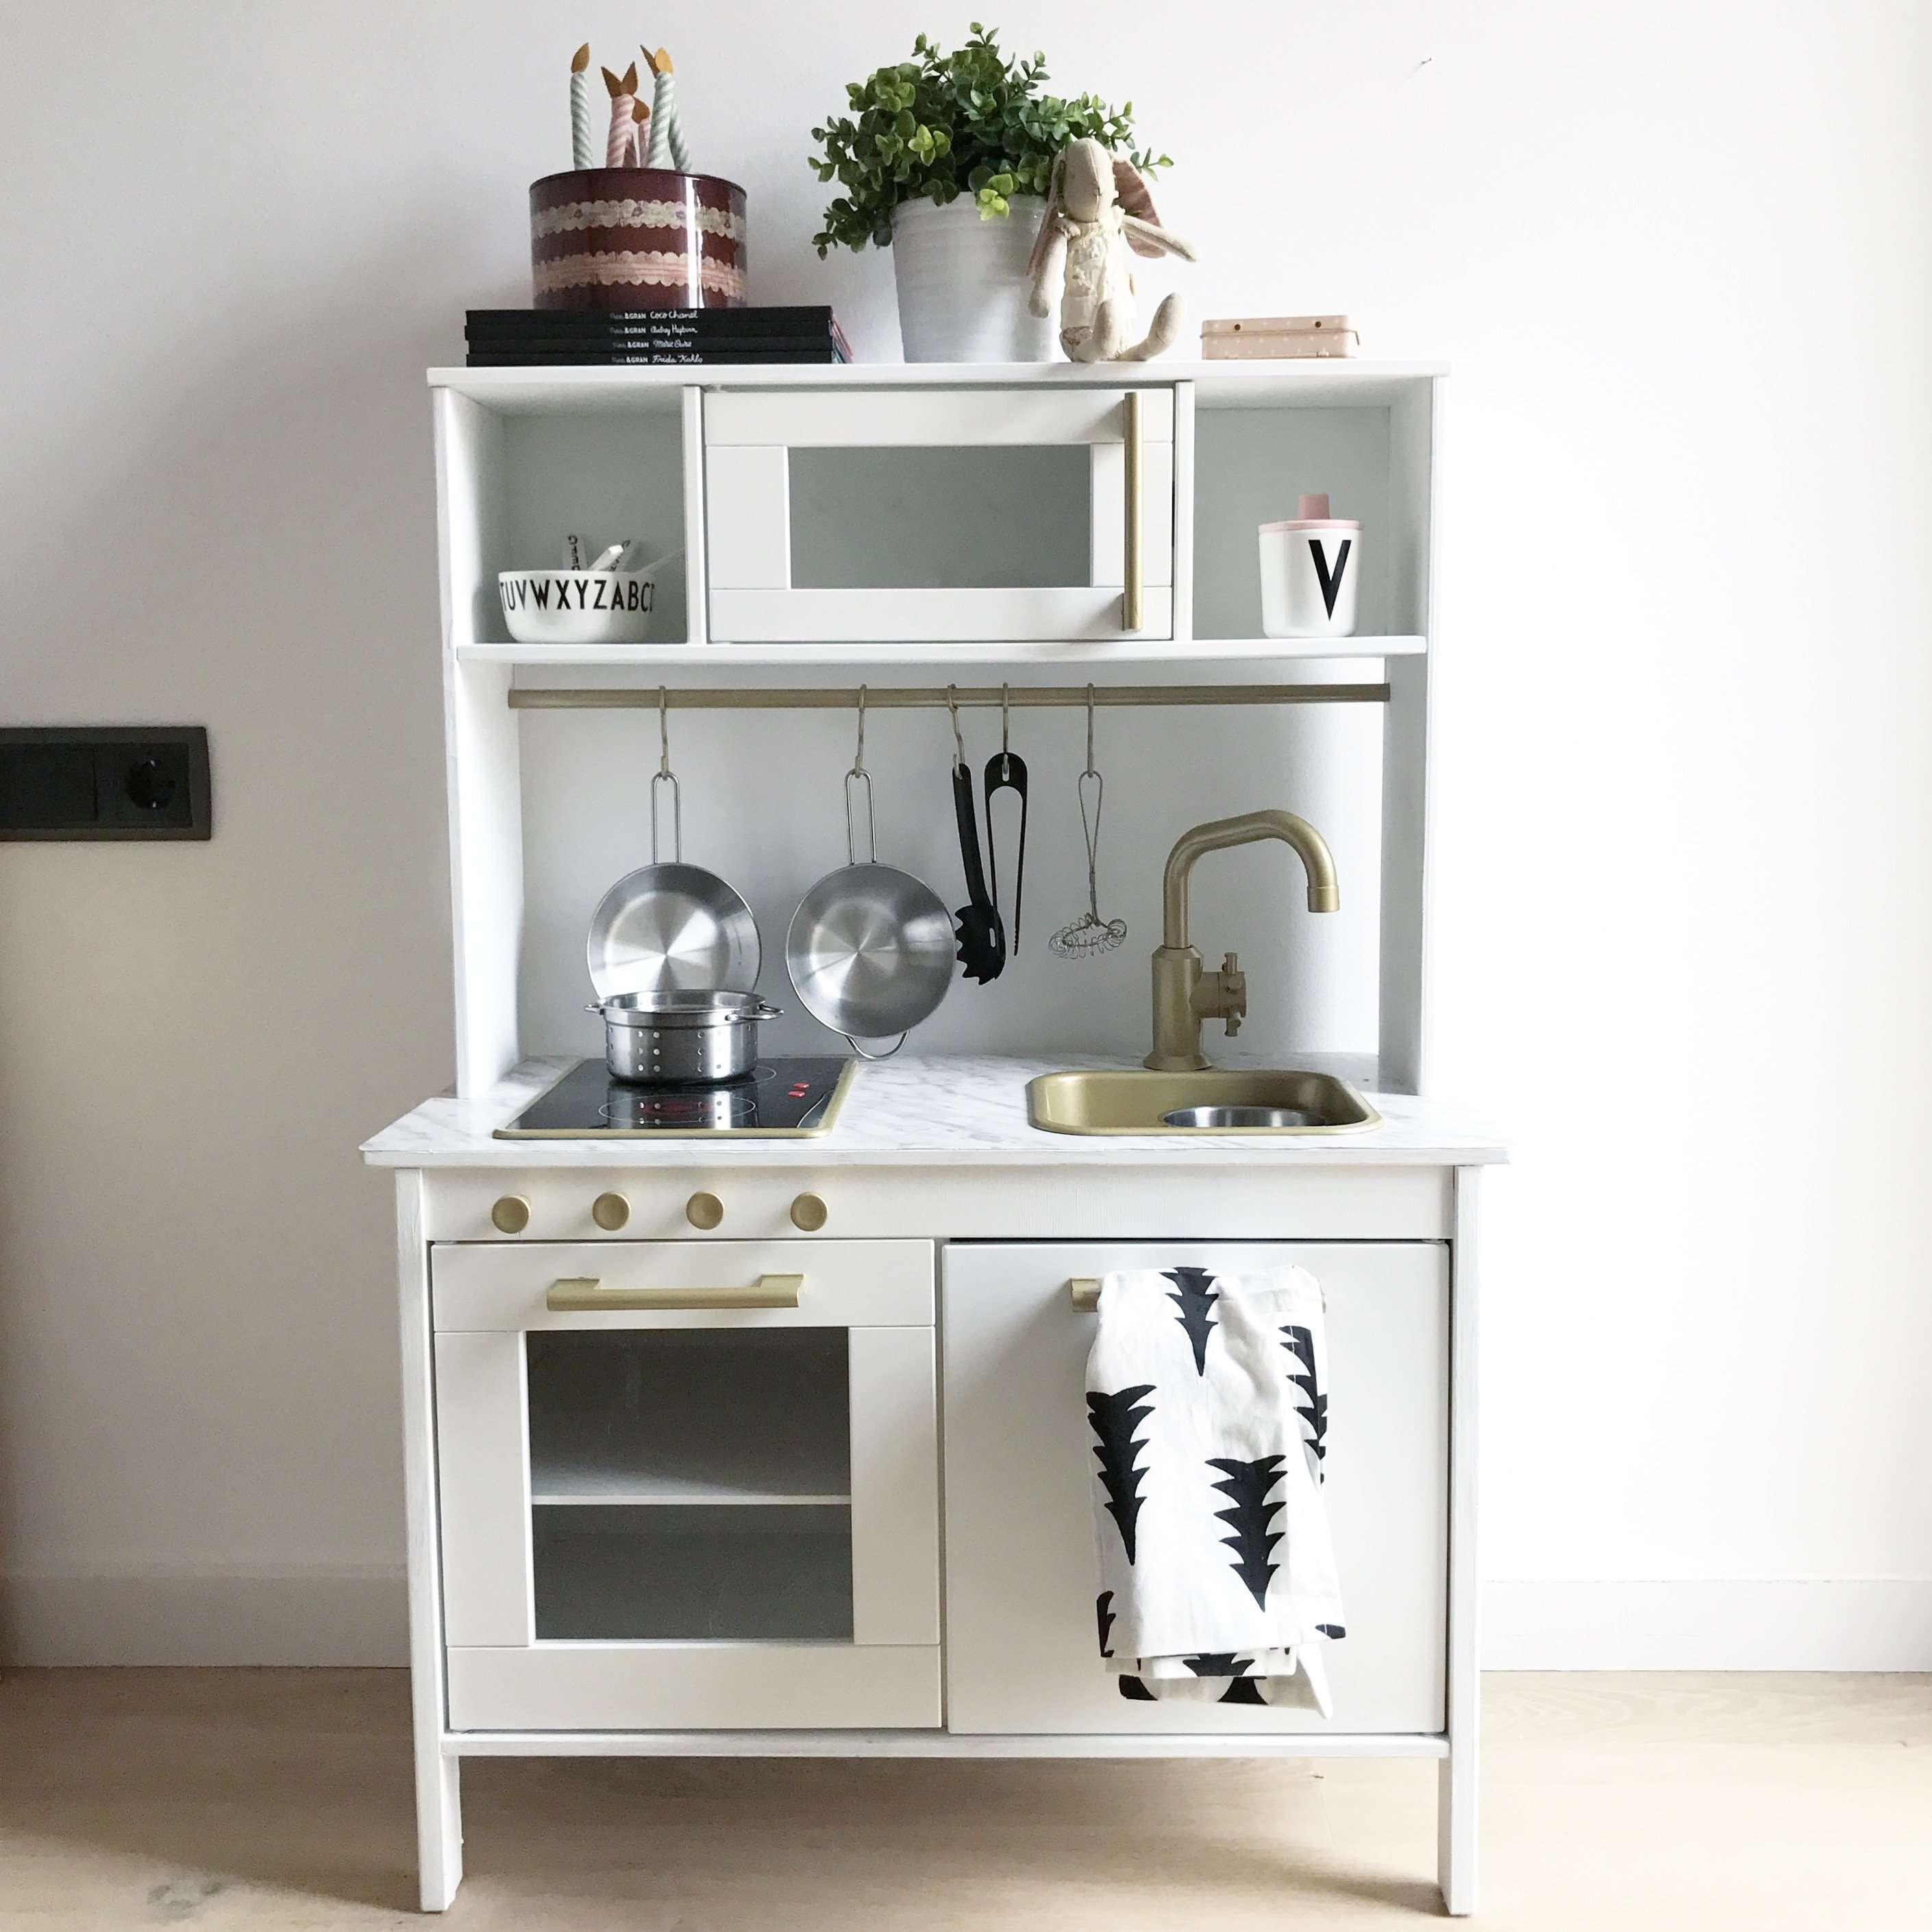 Ikea duktig hack estoreta family craft deco for Cocina juguete ikea opiniones